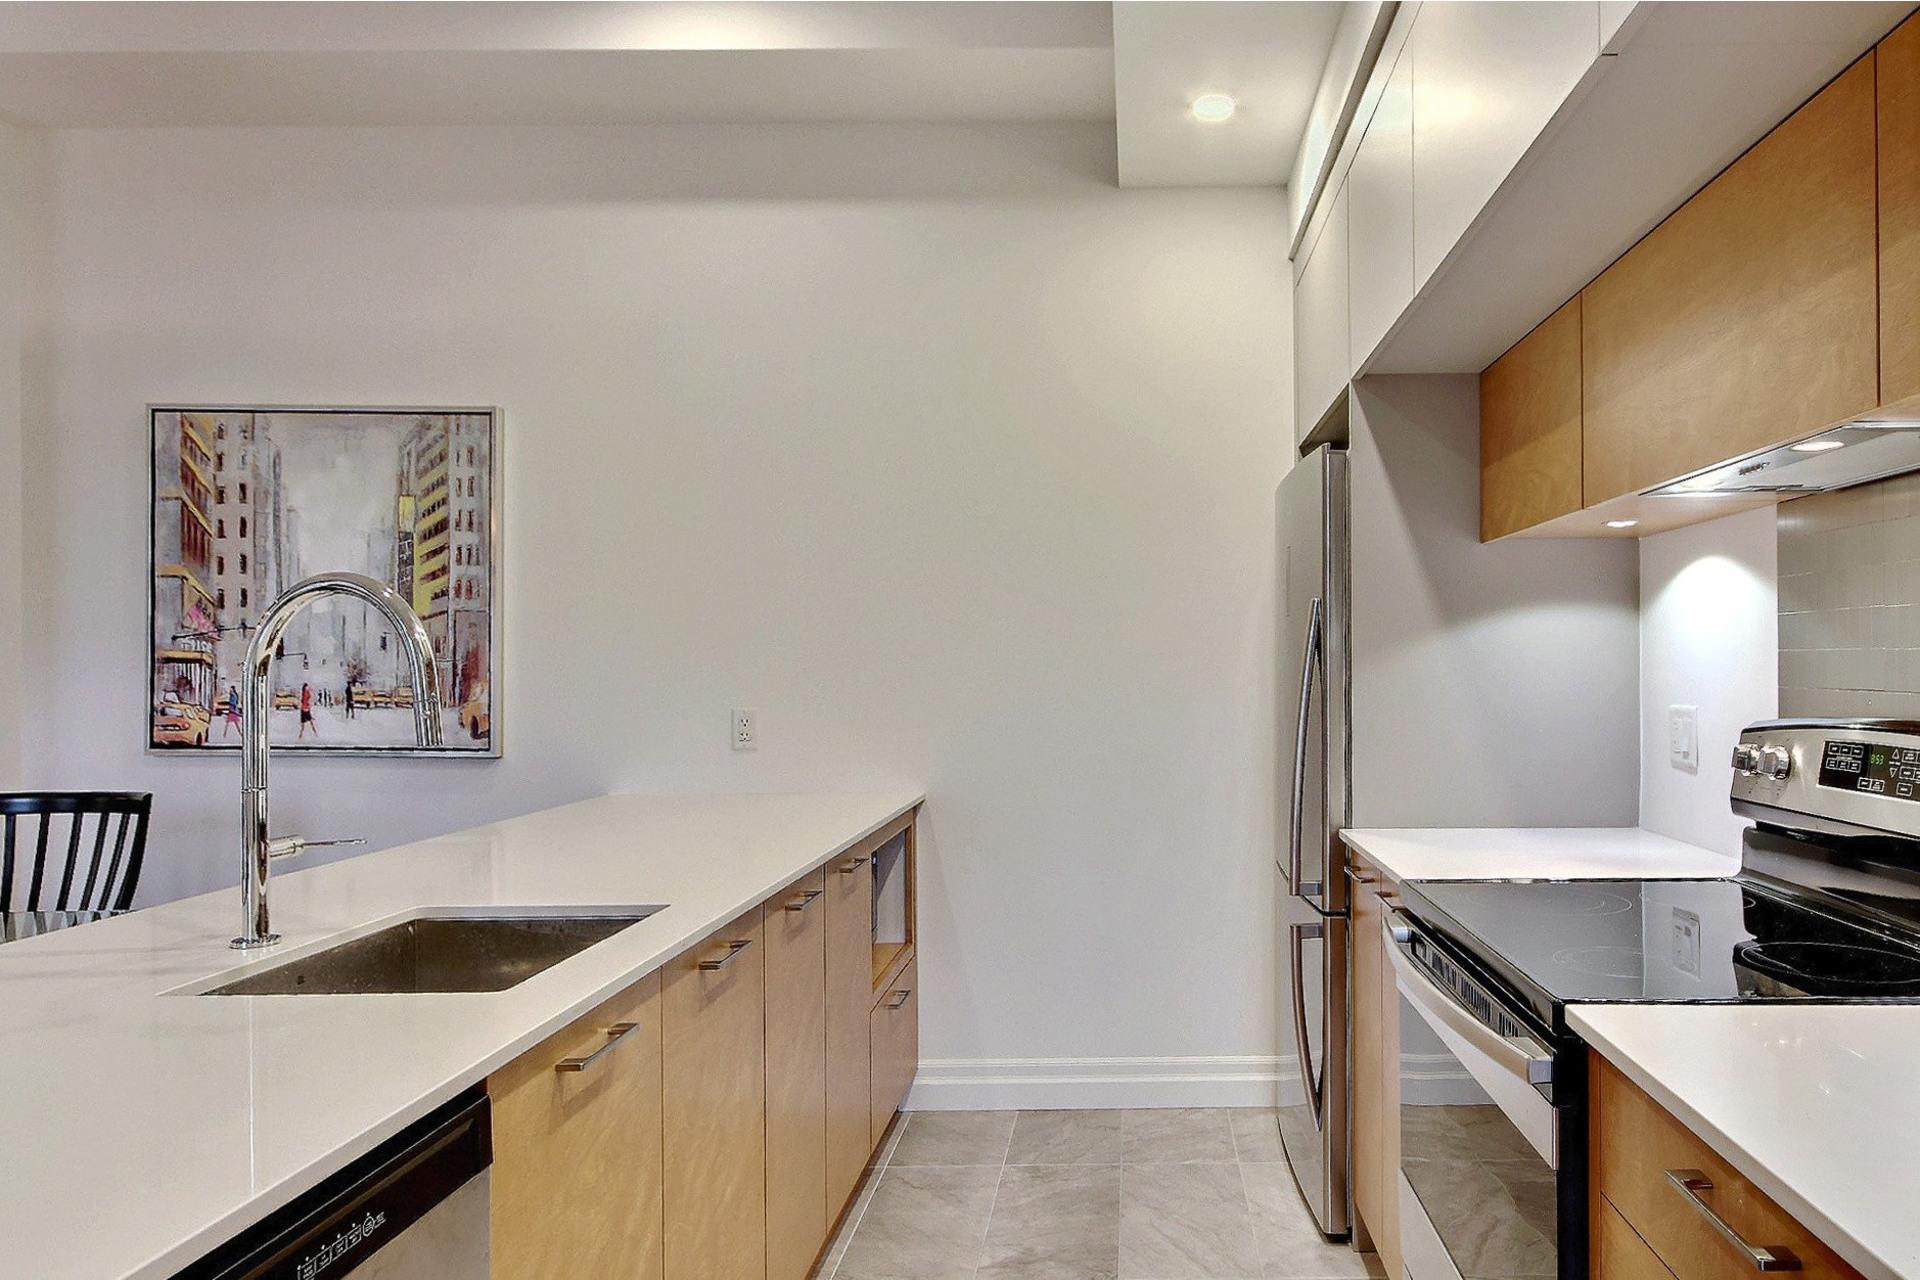 image 4 - Appartement À vendre Sainte-Foy/Sillery/Cap-Rouge Québec  - 7 pièces